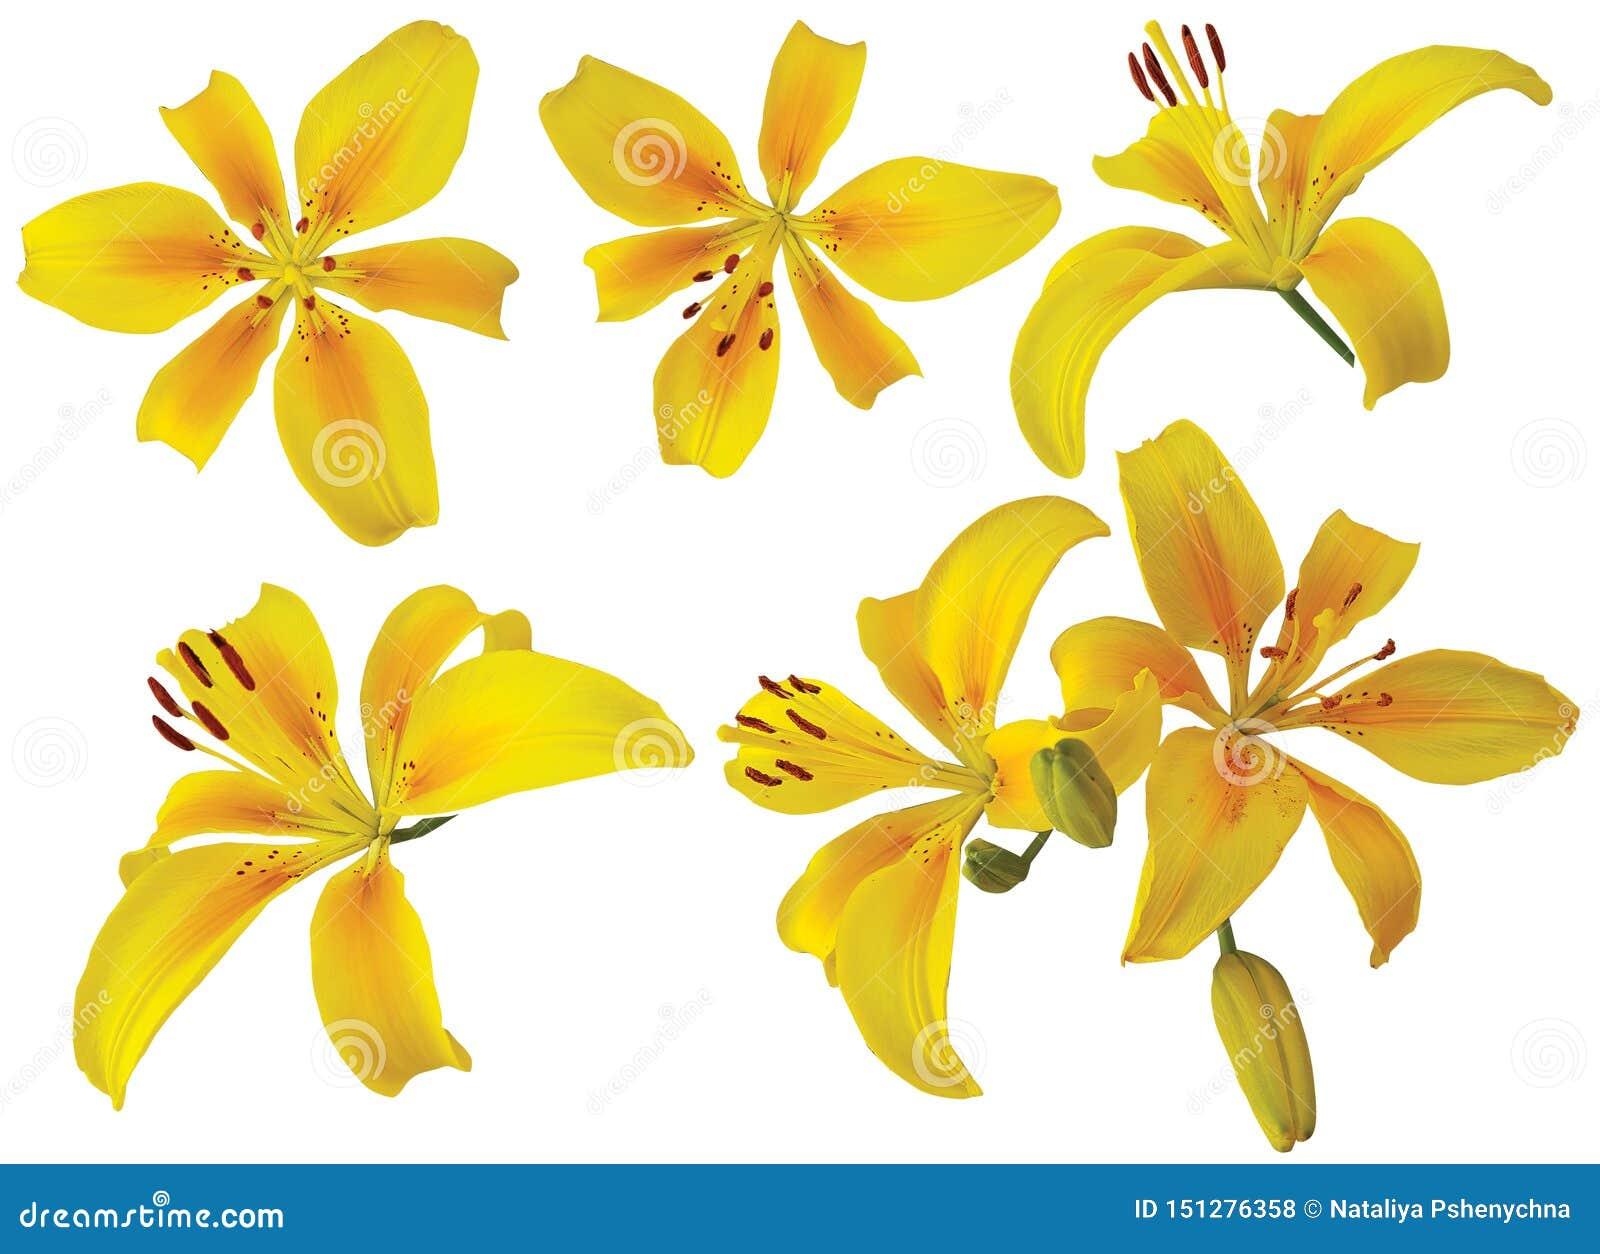 Pojedyncza żółta leluja kwitnie na białym tle